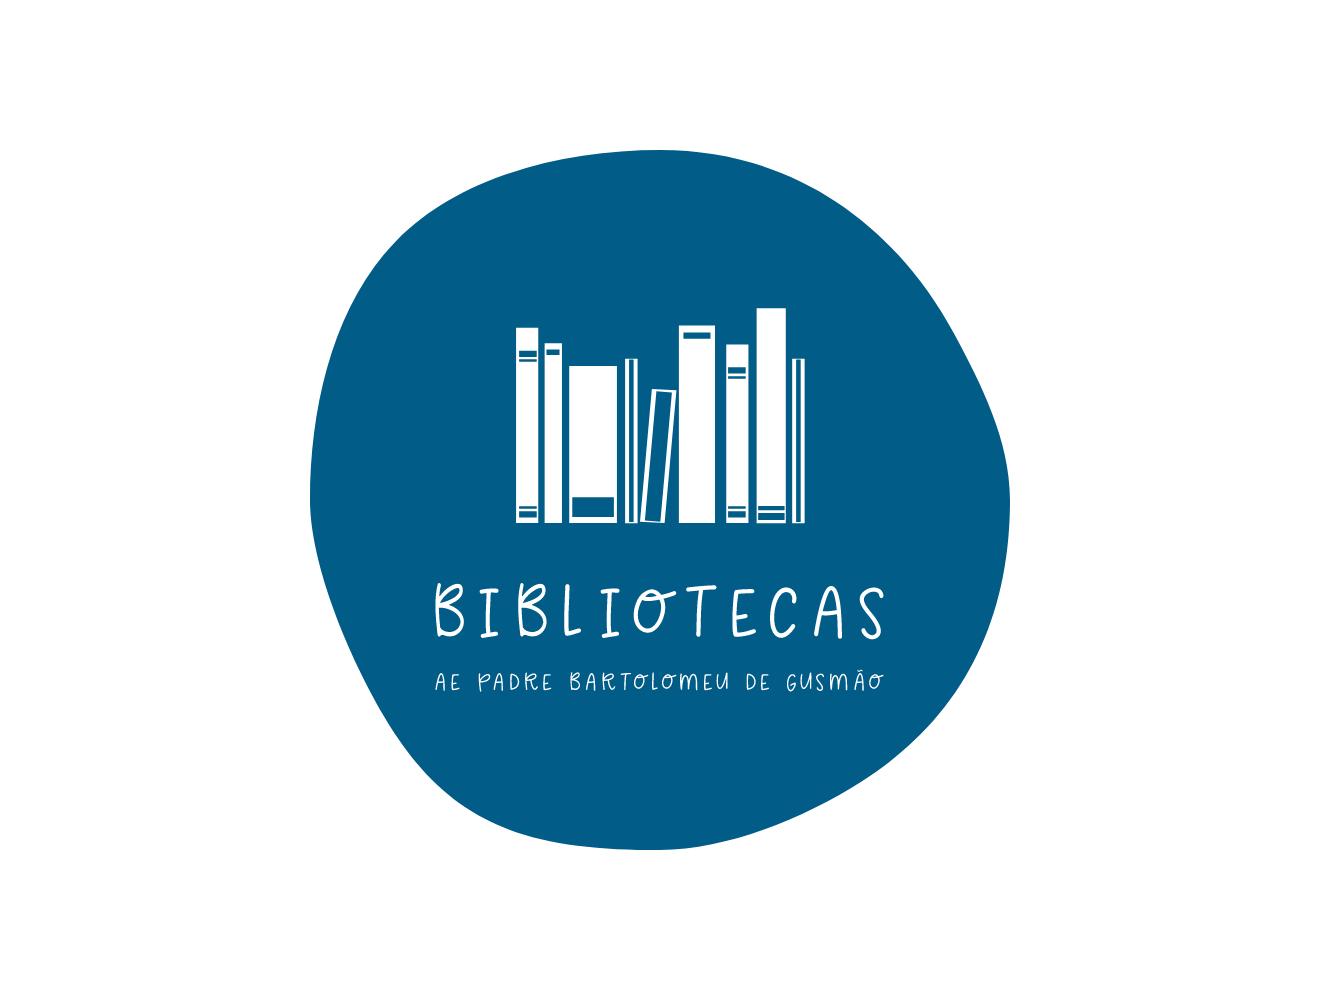 Bibliotecas AE Padre Bartolomeu de Gusmão